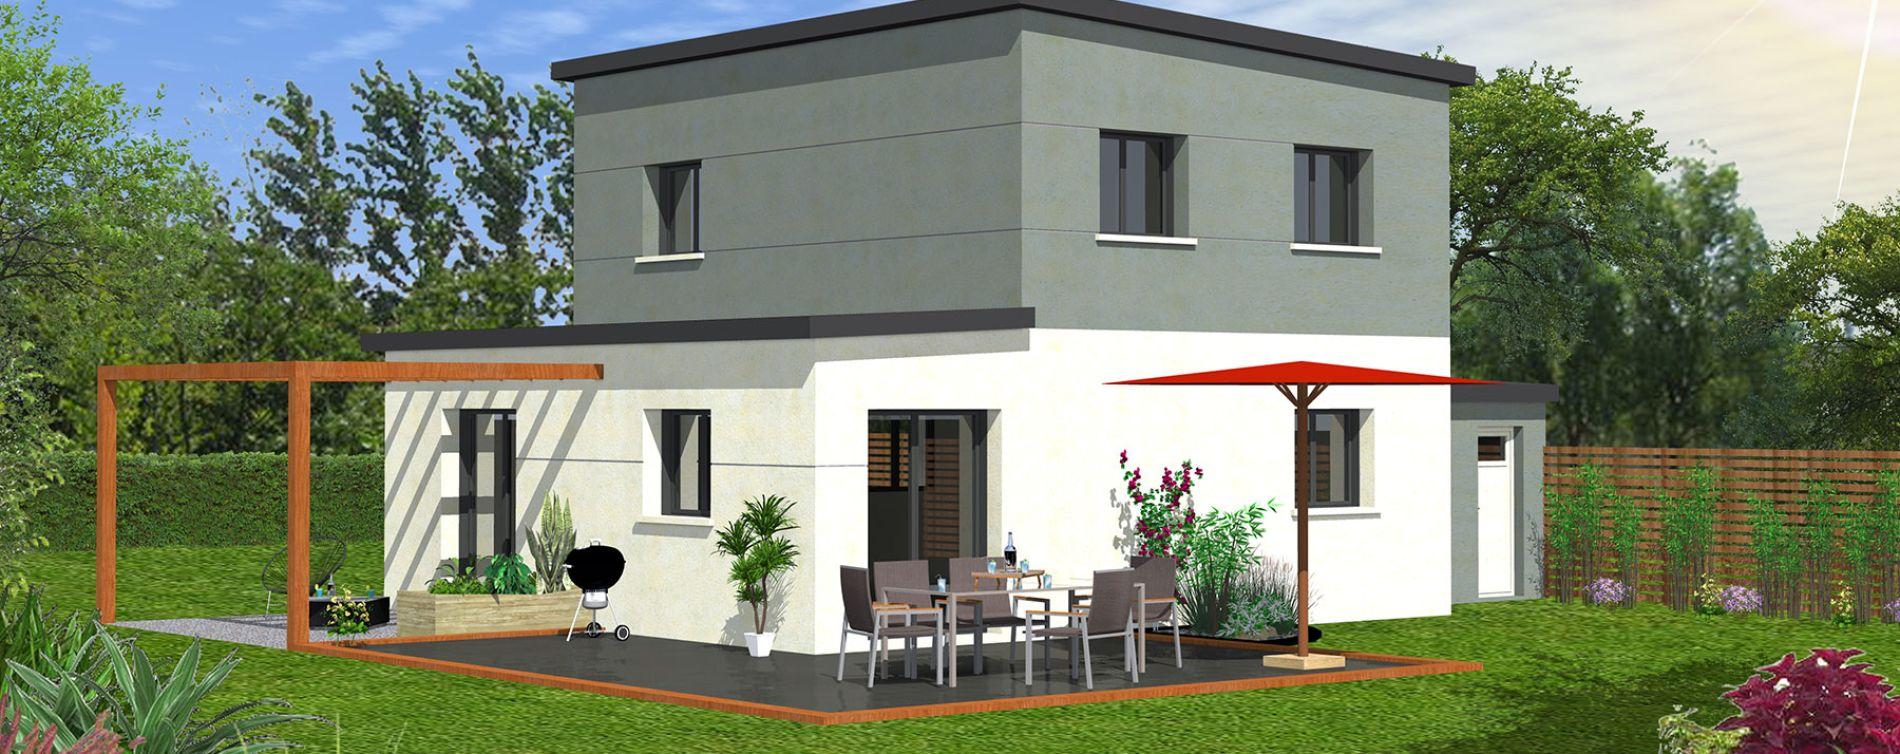 Saint-Pol-de-Léon : programme immobilier neuve « Plage Ste Anne » (2)